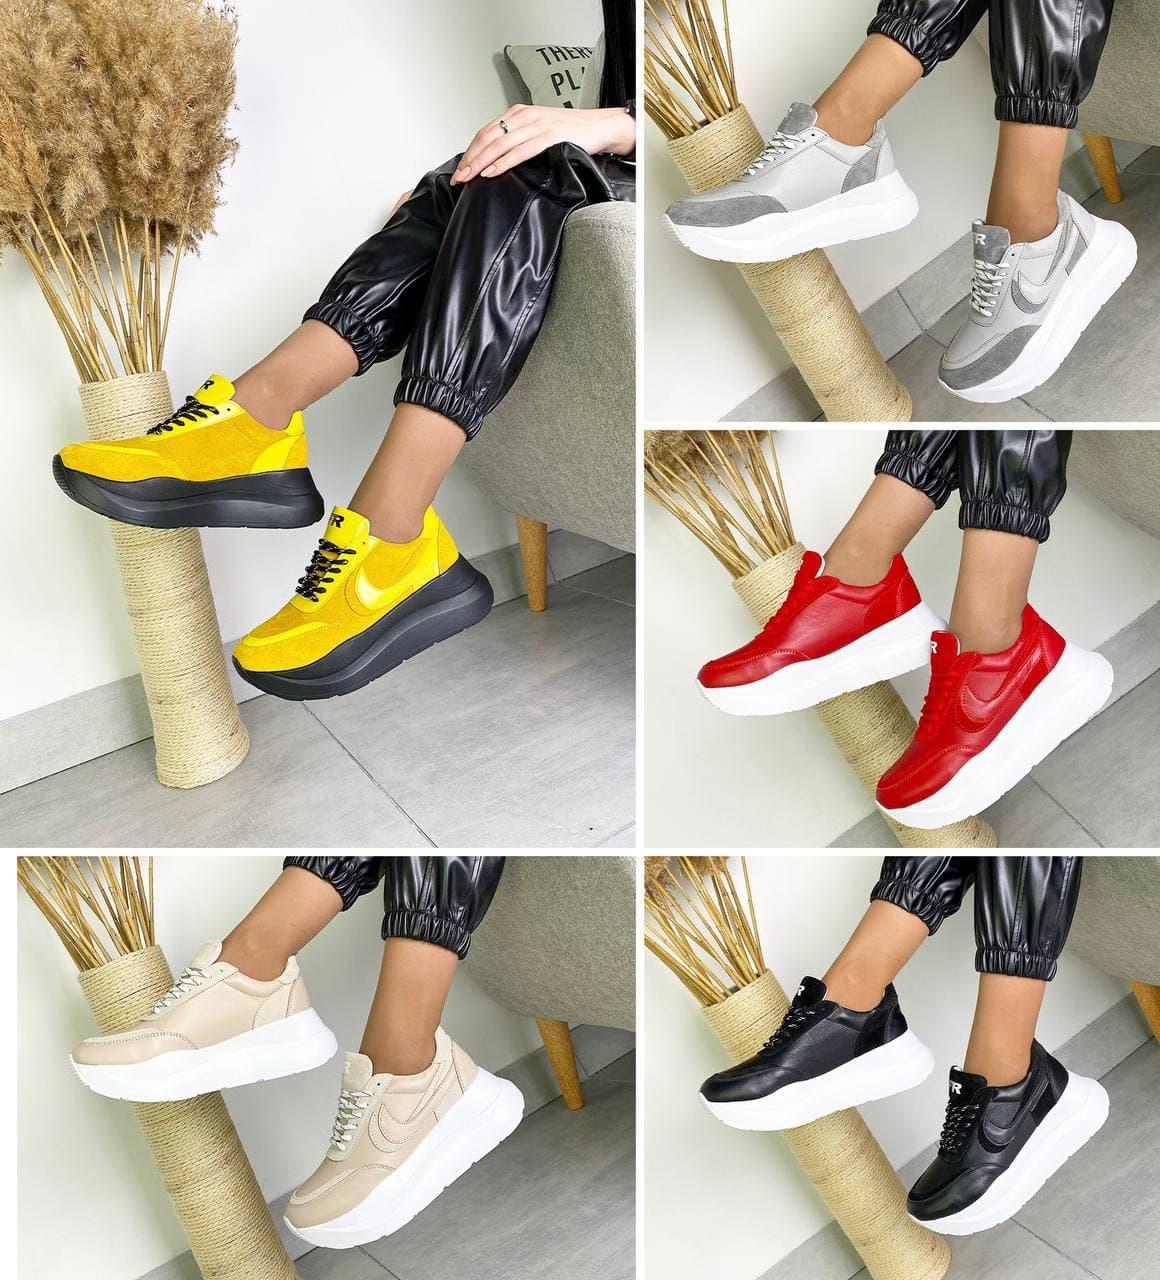 Женские кроссовки на платформе в разных цветах 3422